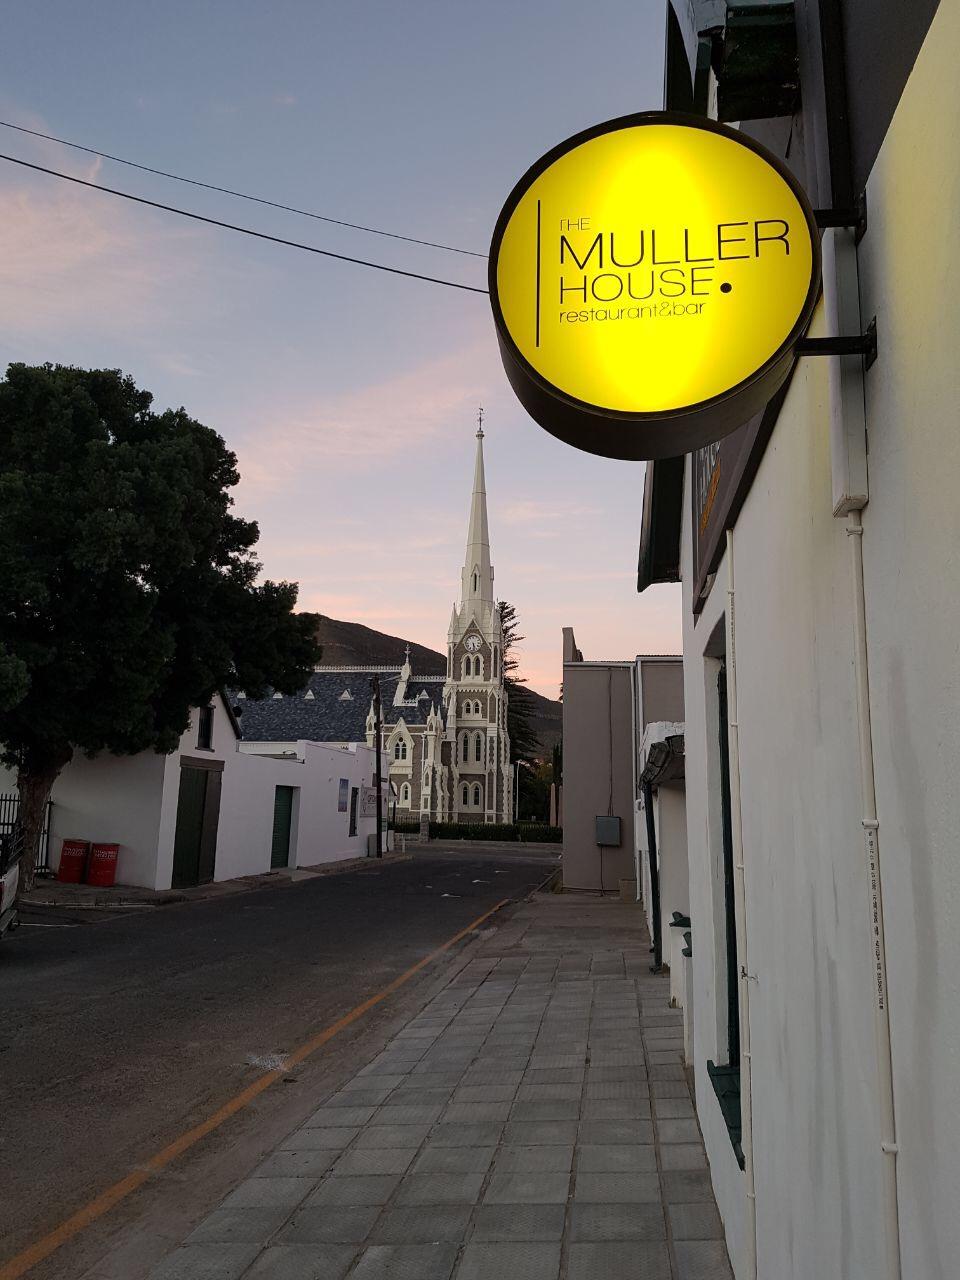 Nokke Karoo Party • The Muller house, Graaff-Reinet